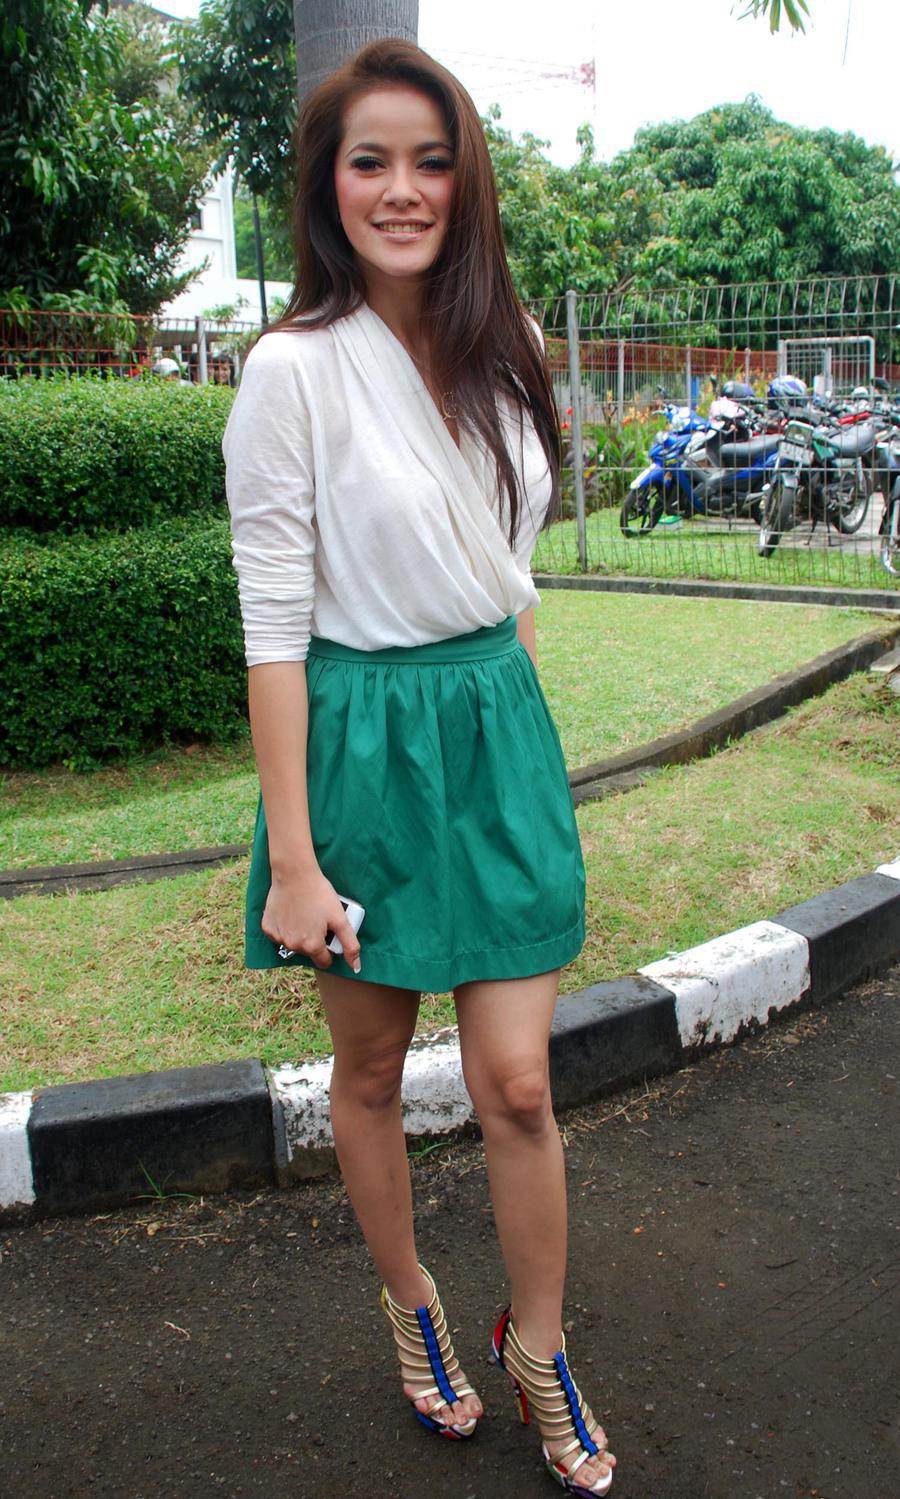 Rok Mini pendek dan hijau artis cantik Olla Ramlan